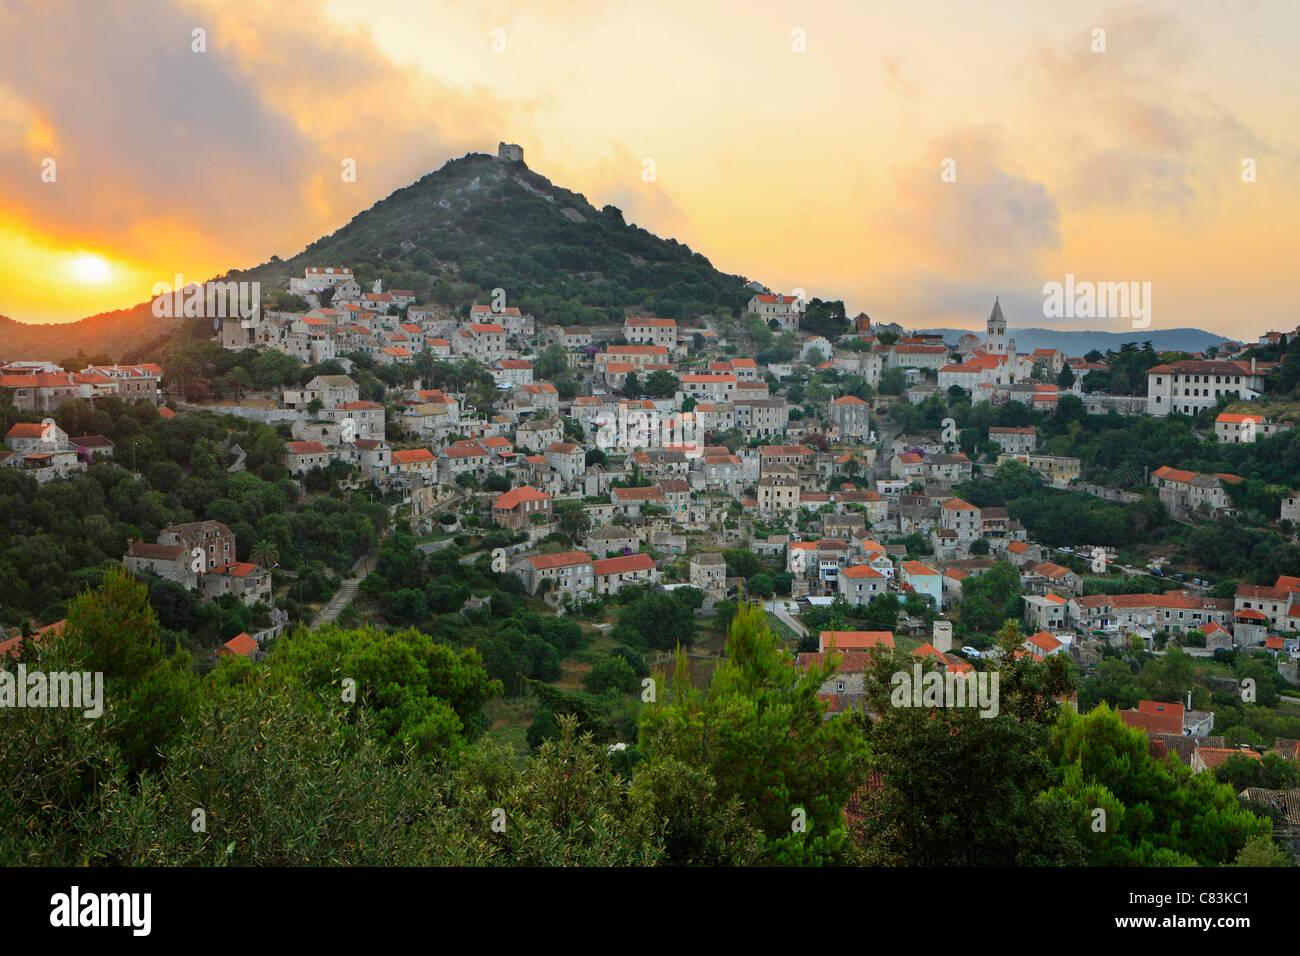 Lever du soleil sur la ville de Lastovo, Croatie Photo Stock